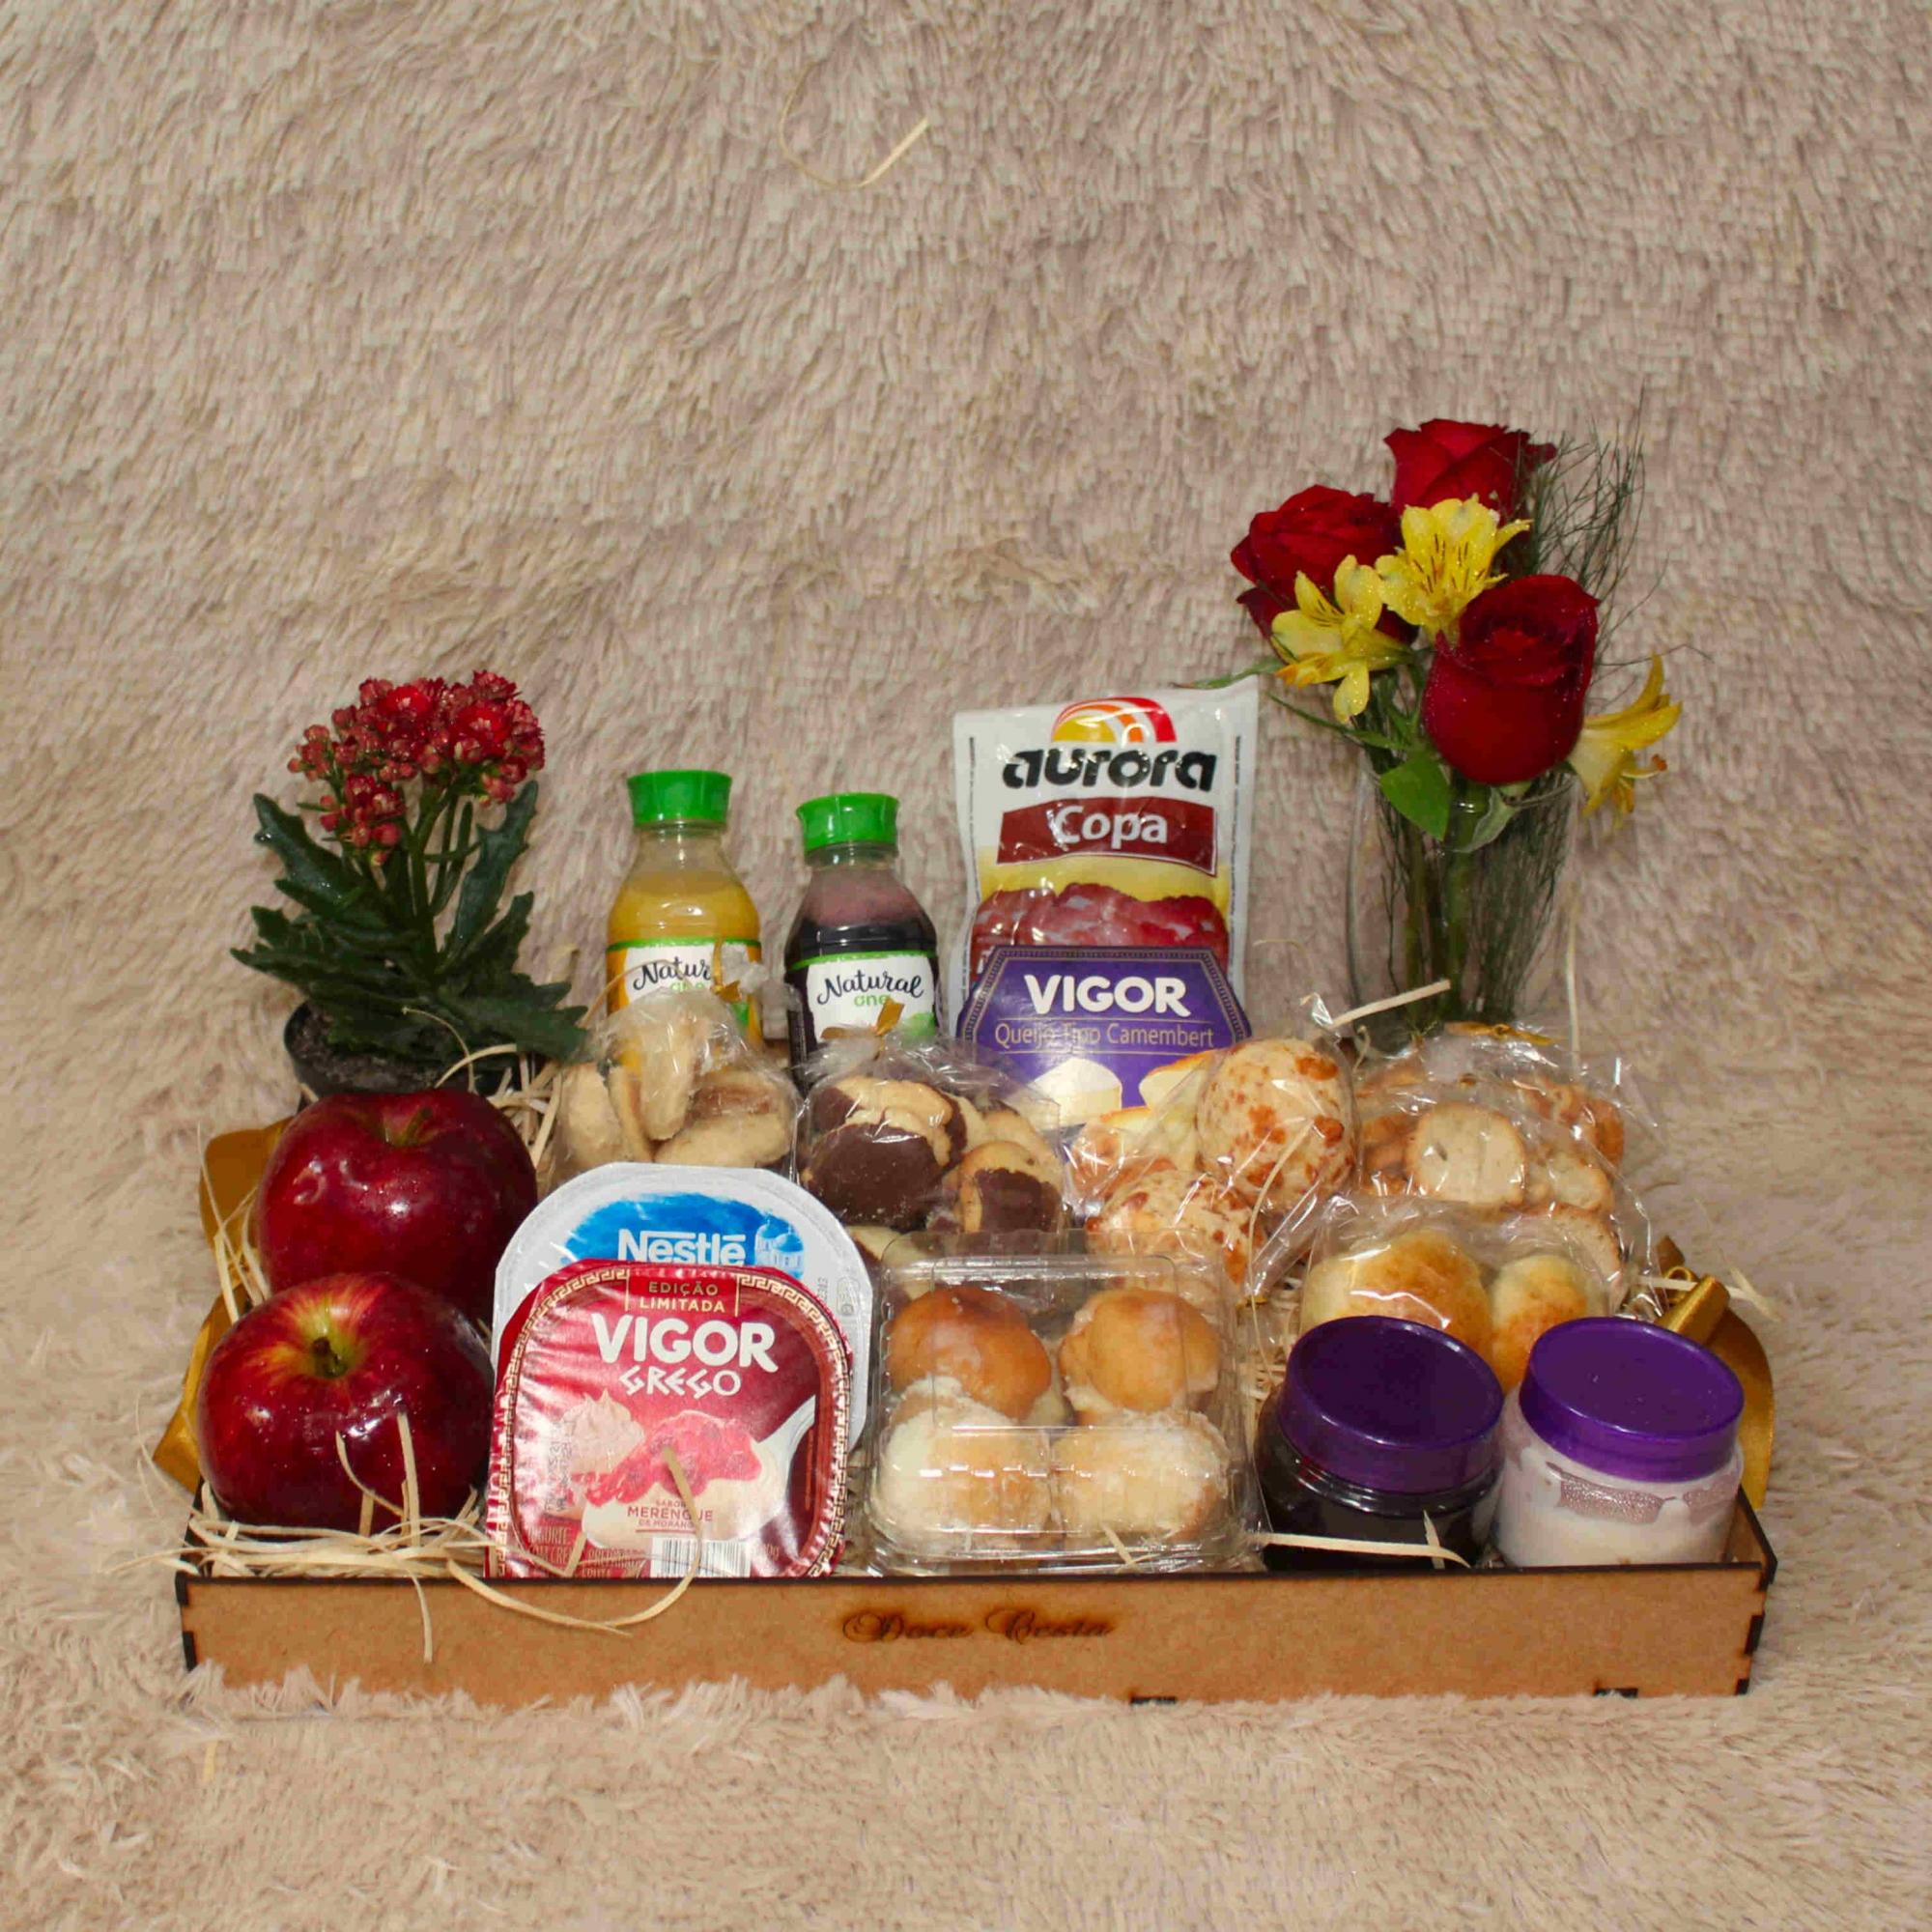 Bandeja de Frios com Biscoitinhos , Iogurtes e Fruta